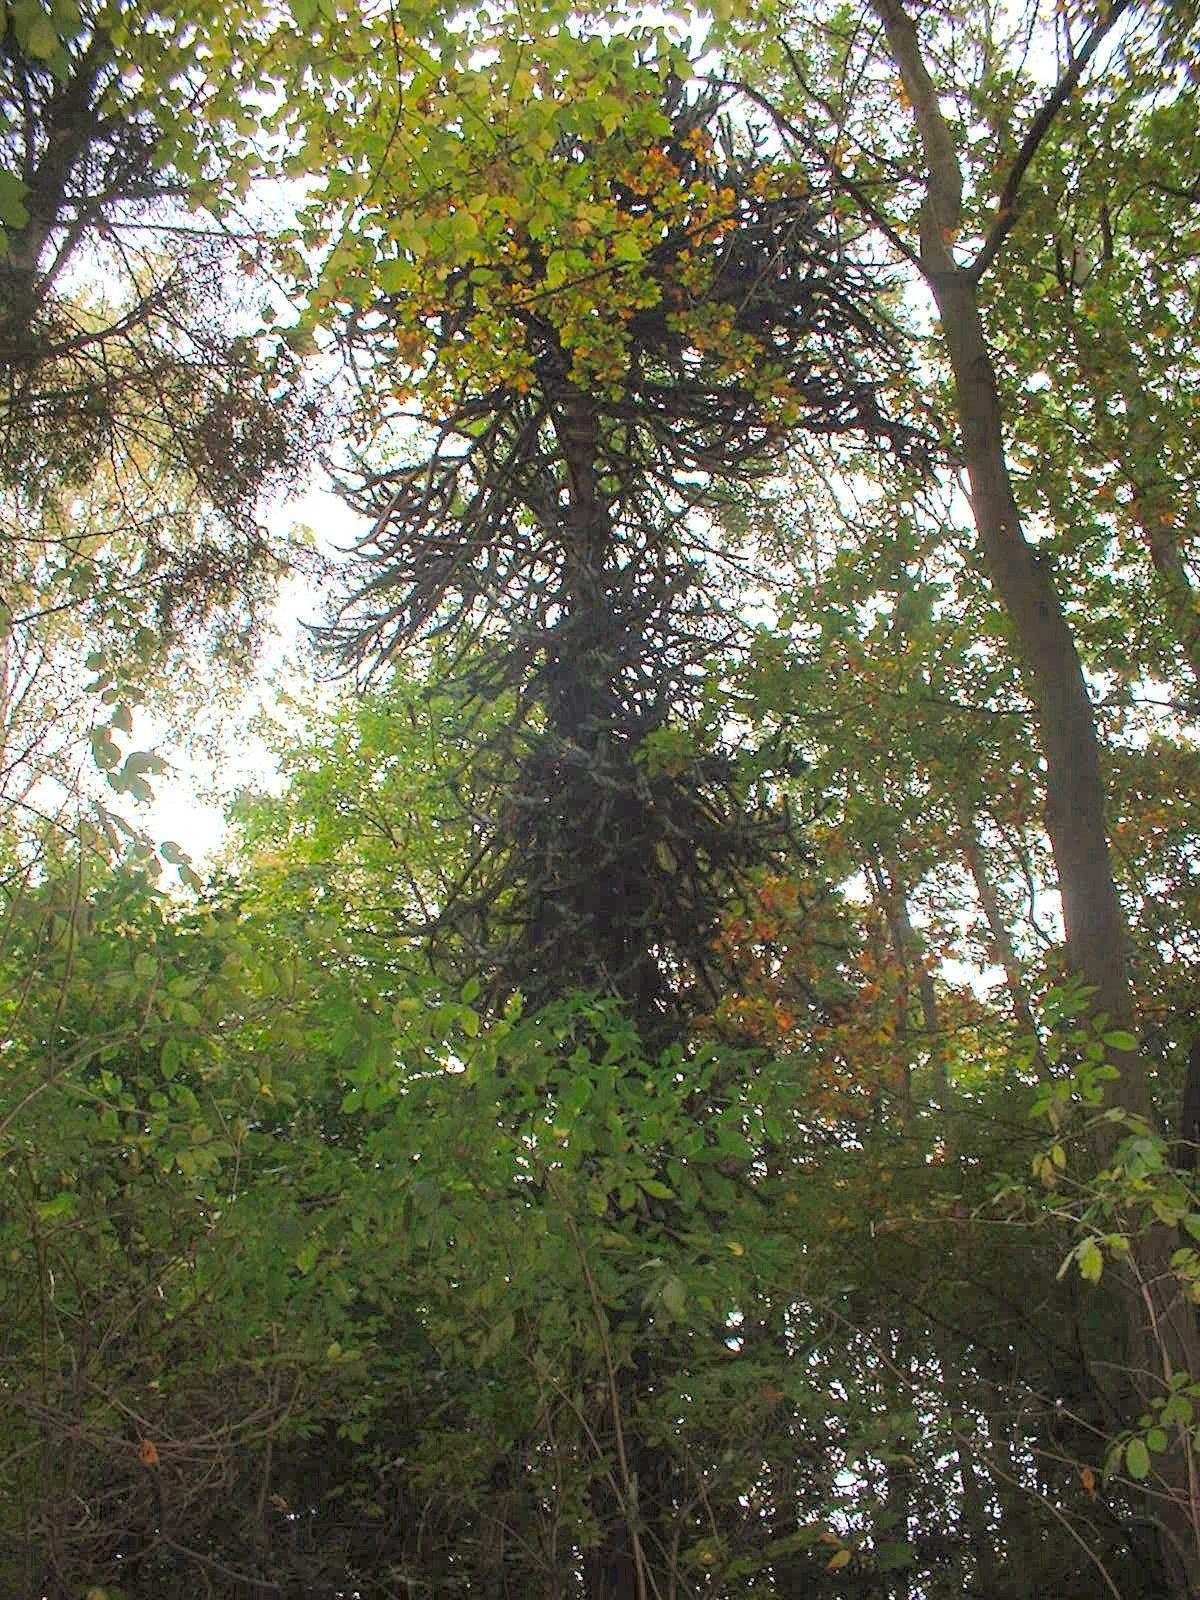 Araucaria du Chili – Forest, Parc Jacques Brel, Avenue Kersbeek –  21 Octobre 2003